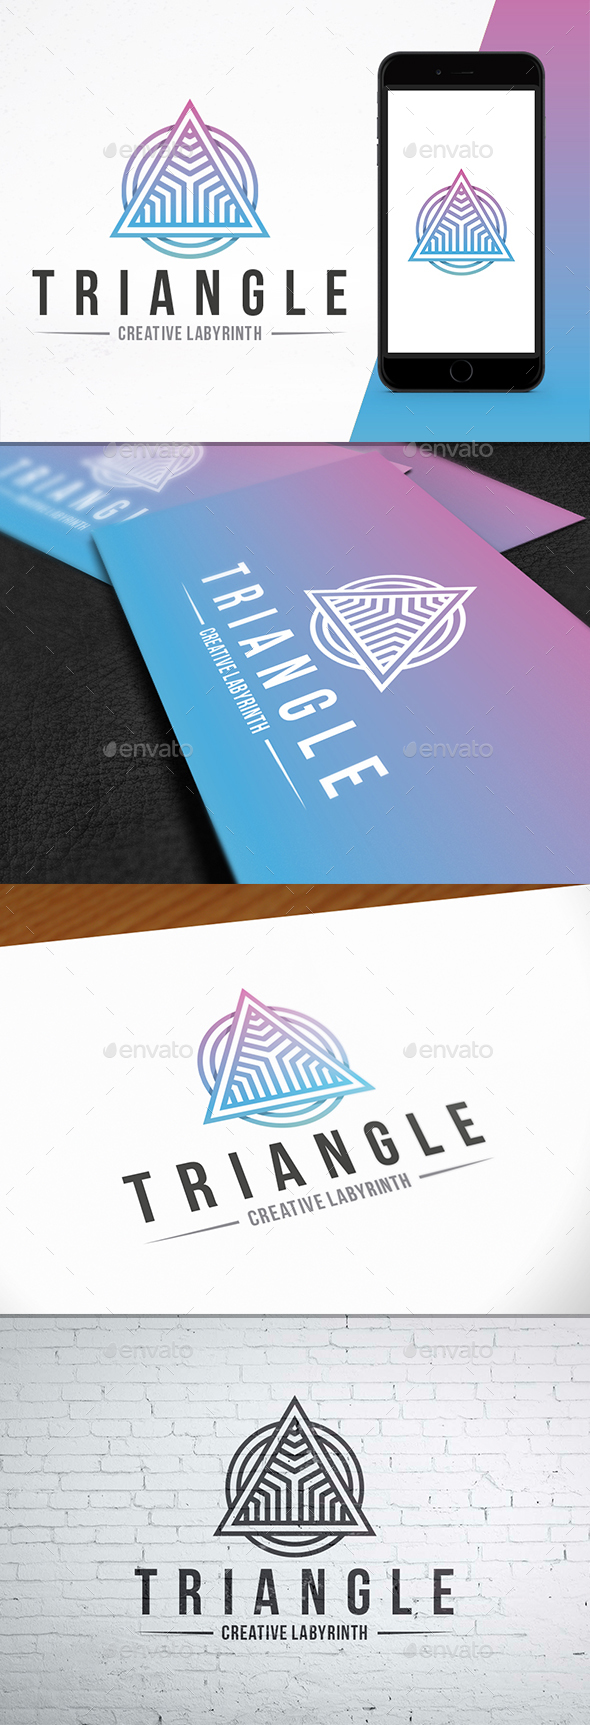 Triangle Maze Creative Logo - Vector Abstract